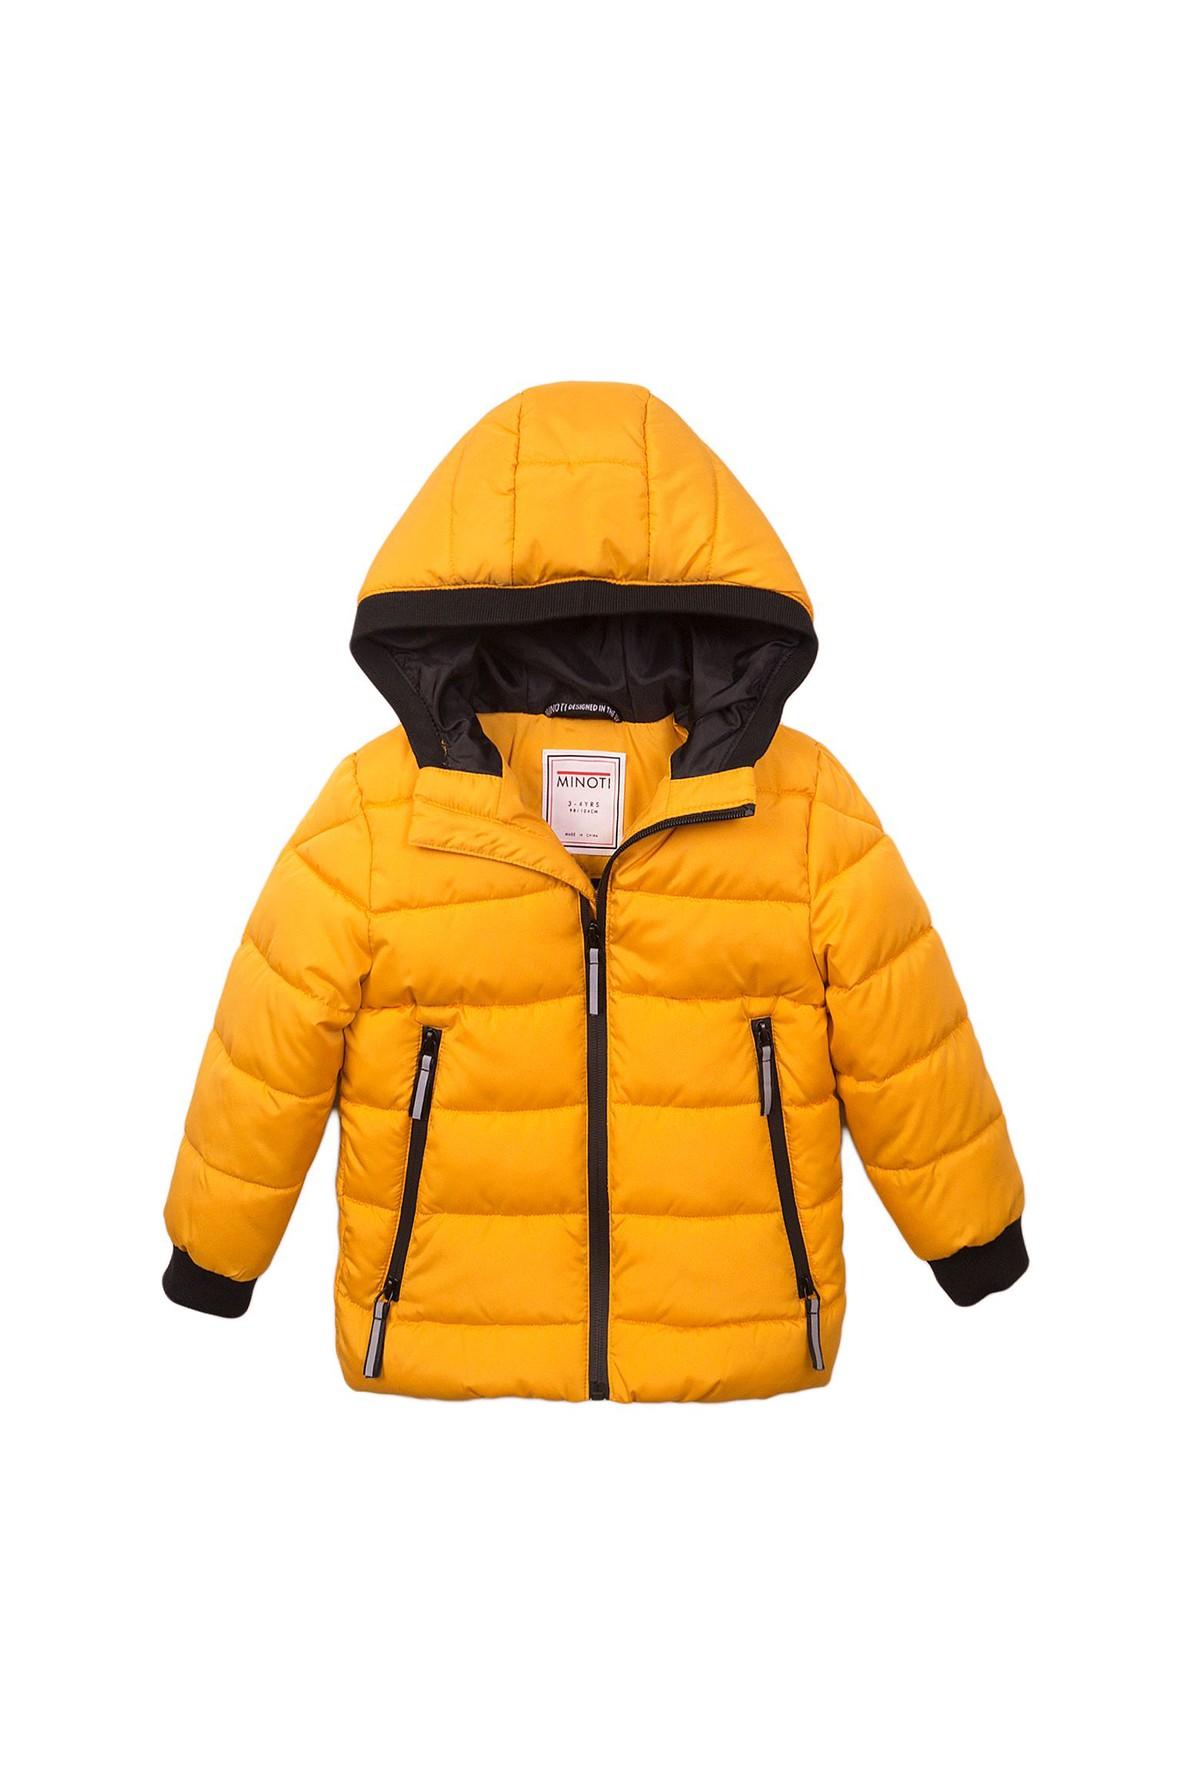 Kurtka zimowa dla niemowlaka- żółta z odblaskami